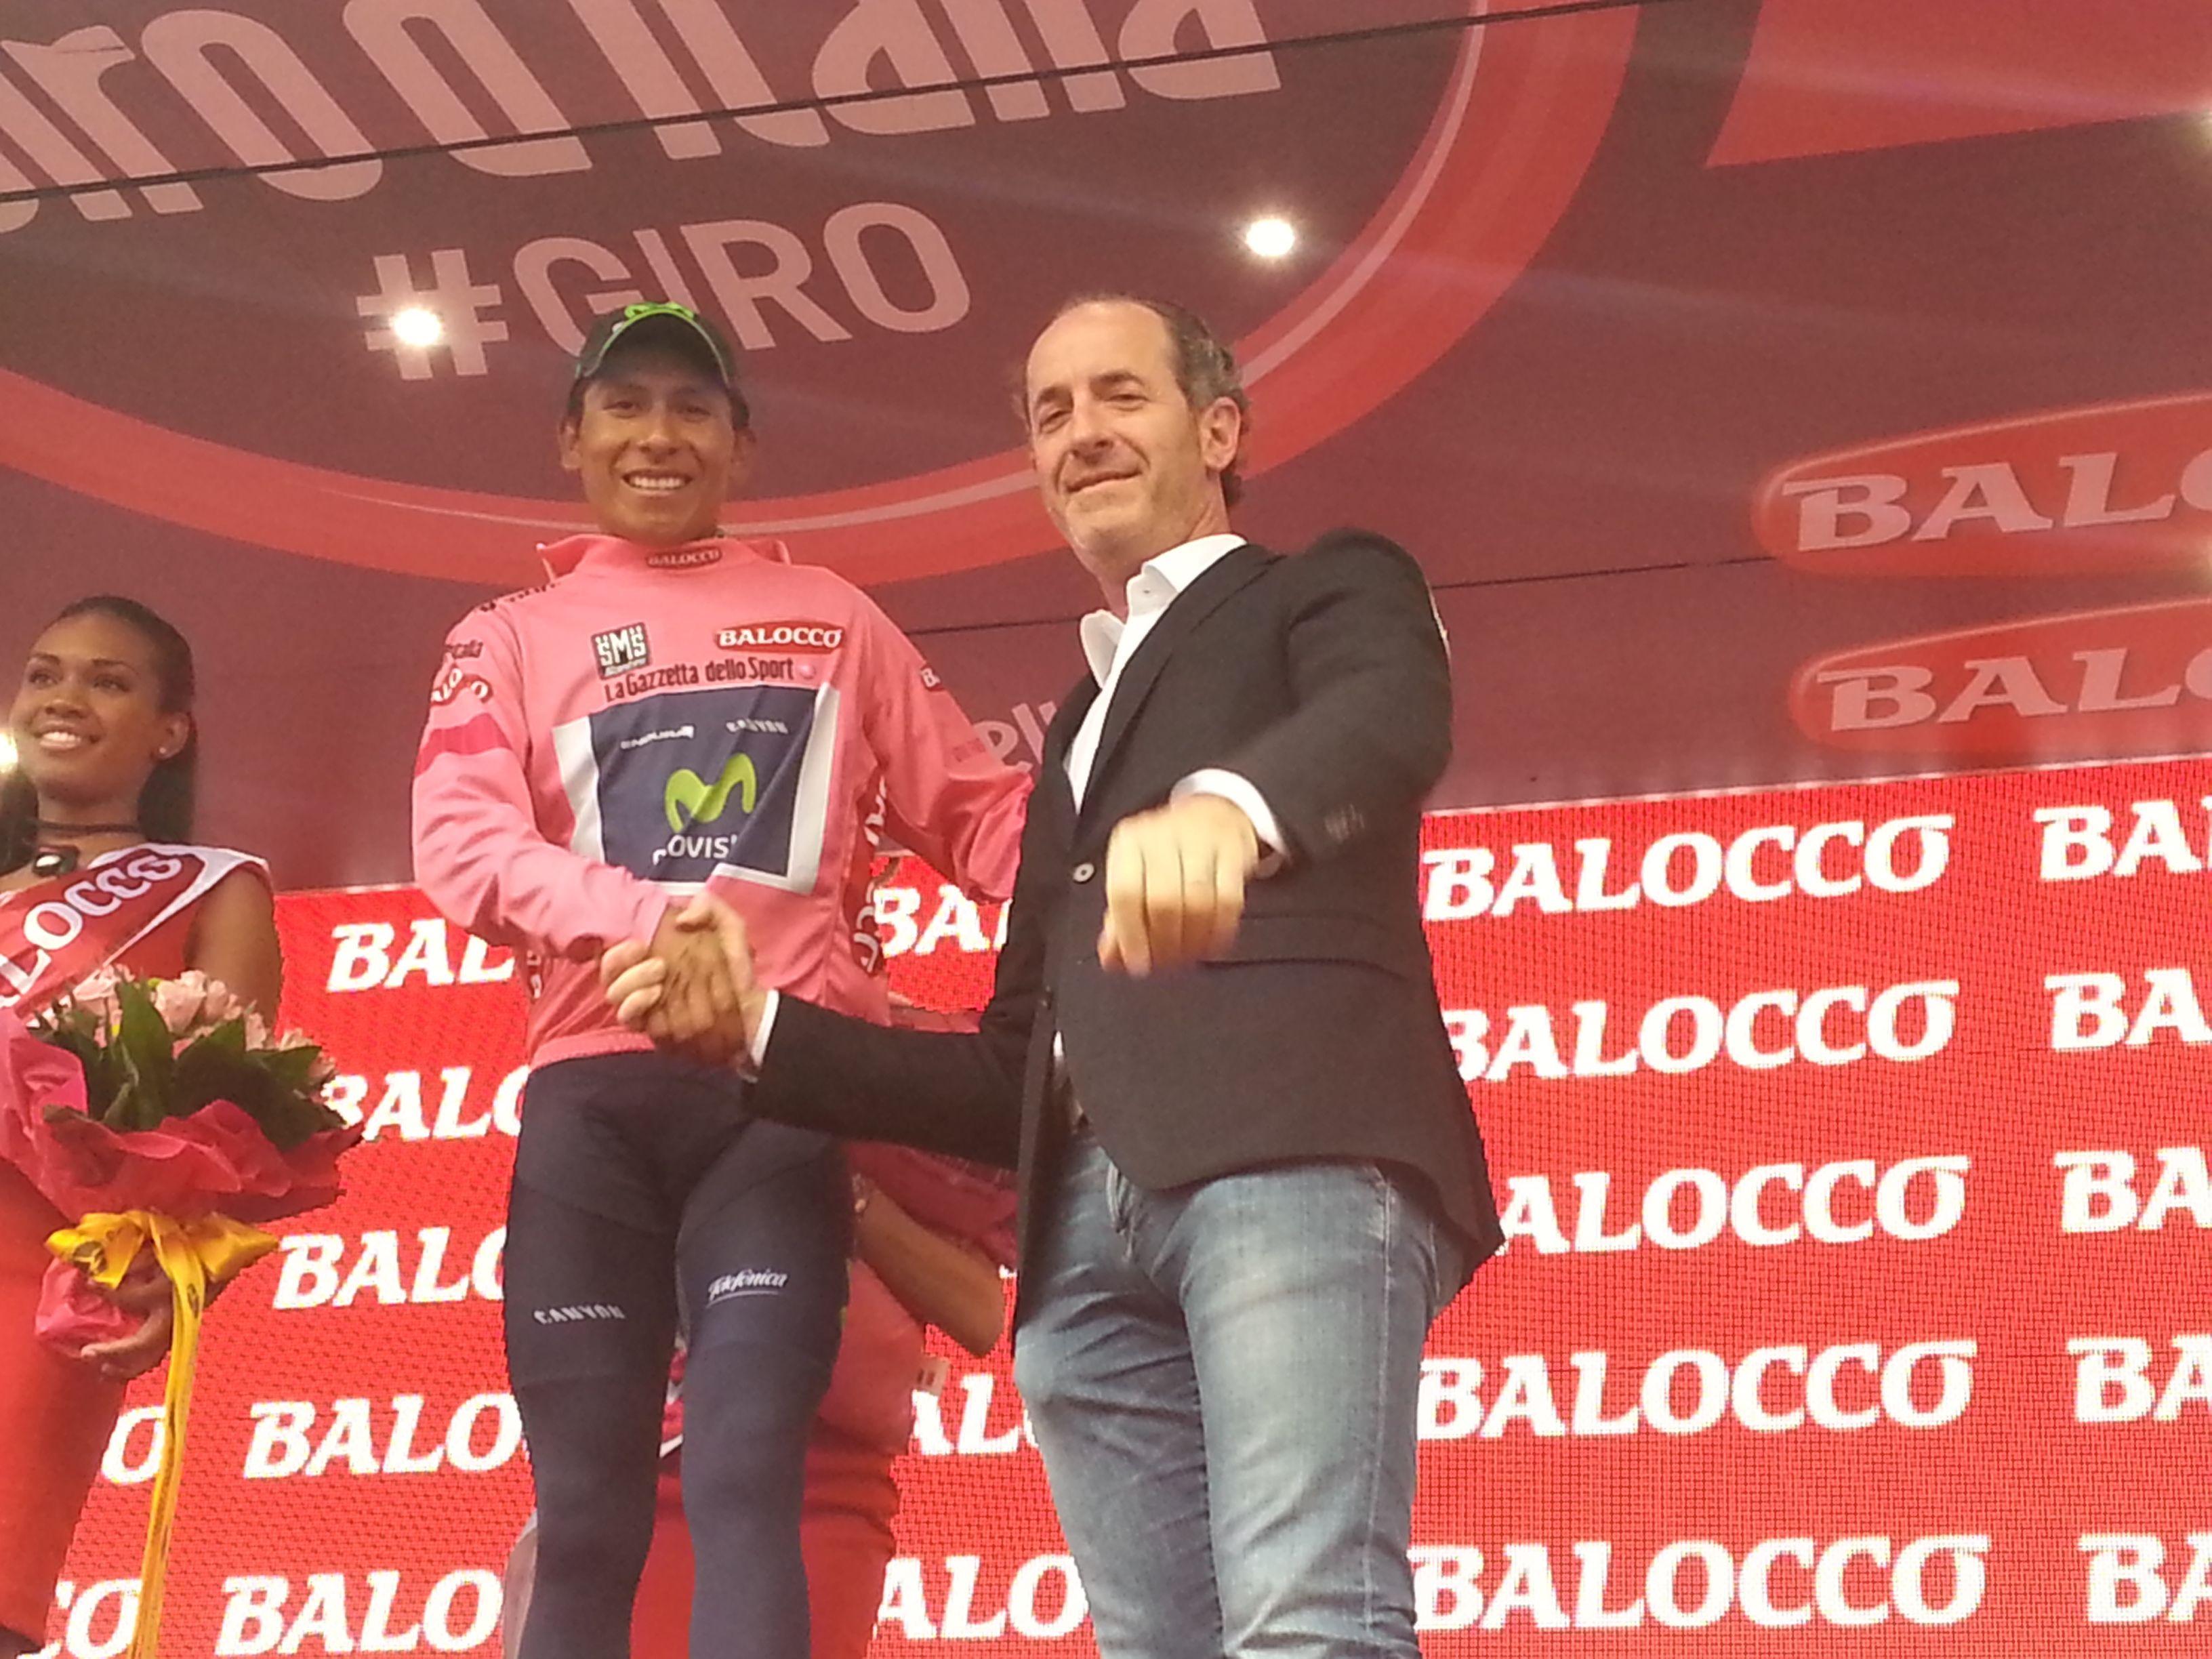 L'arrivo a Vittorio Veneto del Giro d'Italia, #Zaia consegna la #maglia #rosa a Nairo Quintana